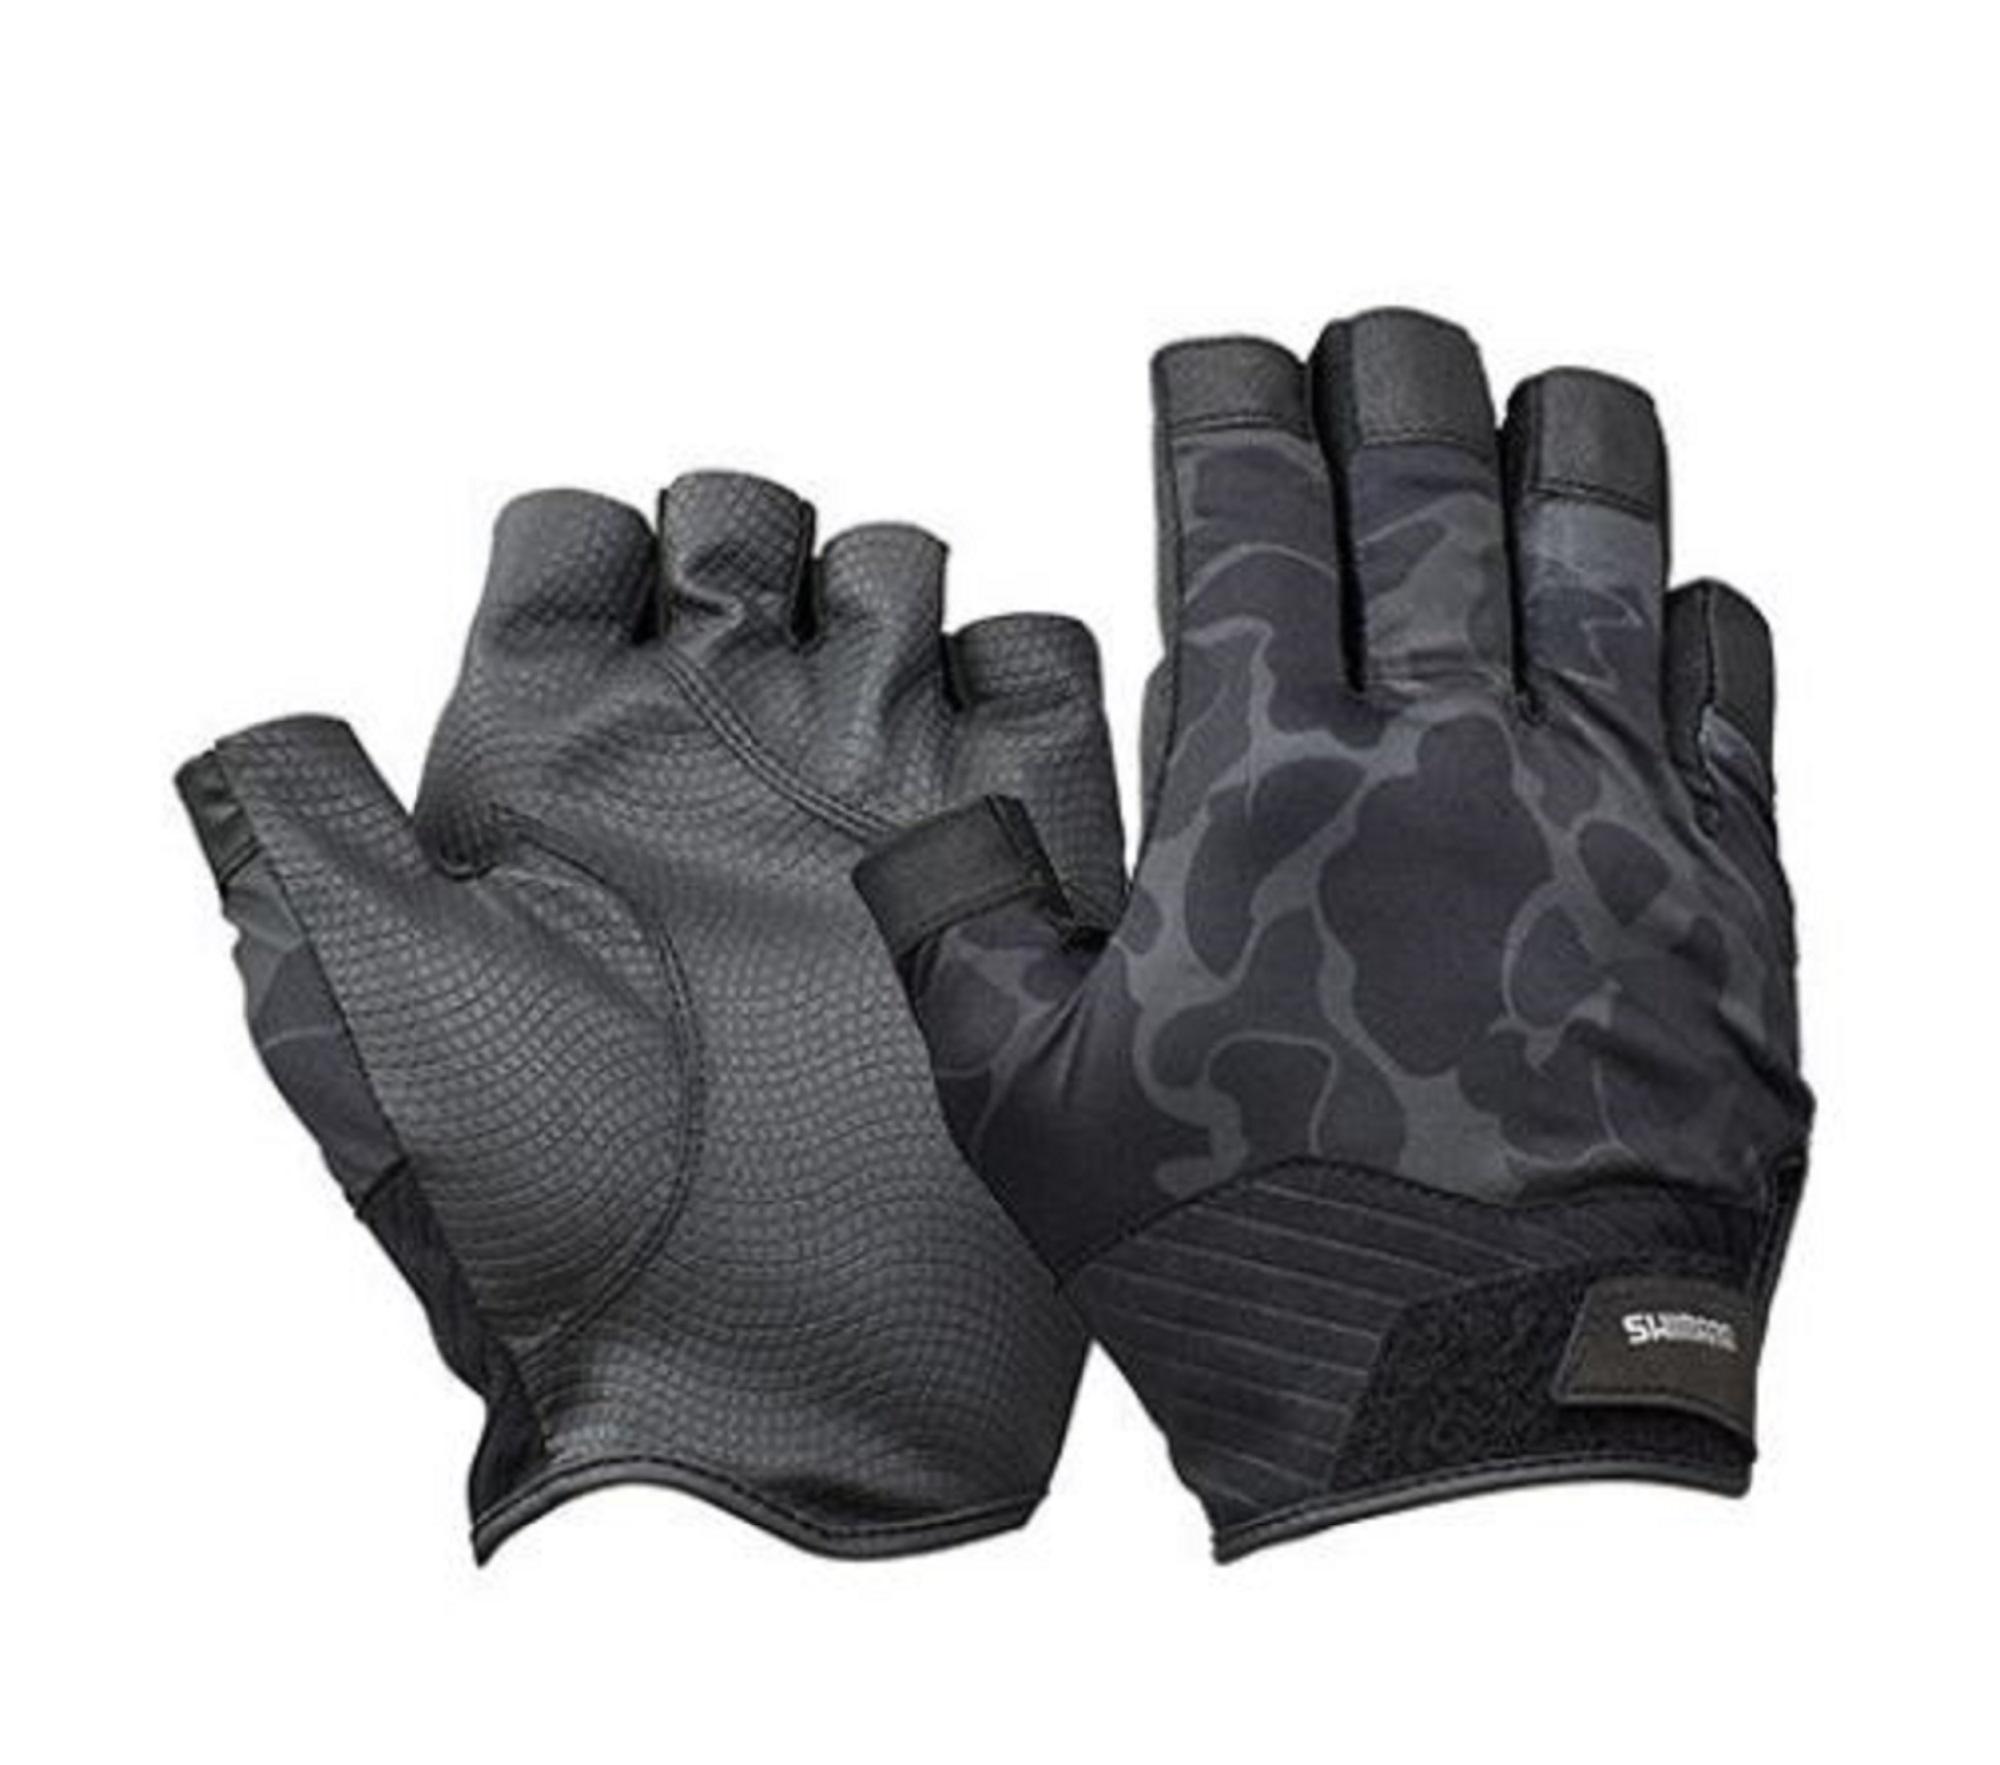 Shimano GL-222T Gloves Rungun 5 Fingerless Duck Camou Size XL 670274